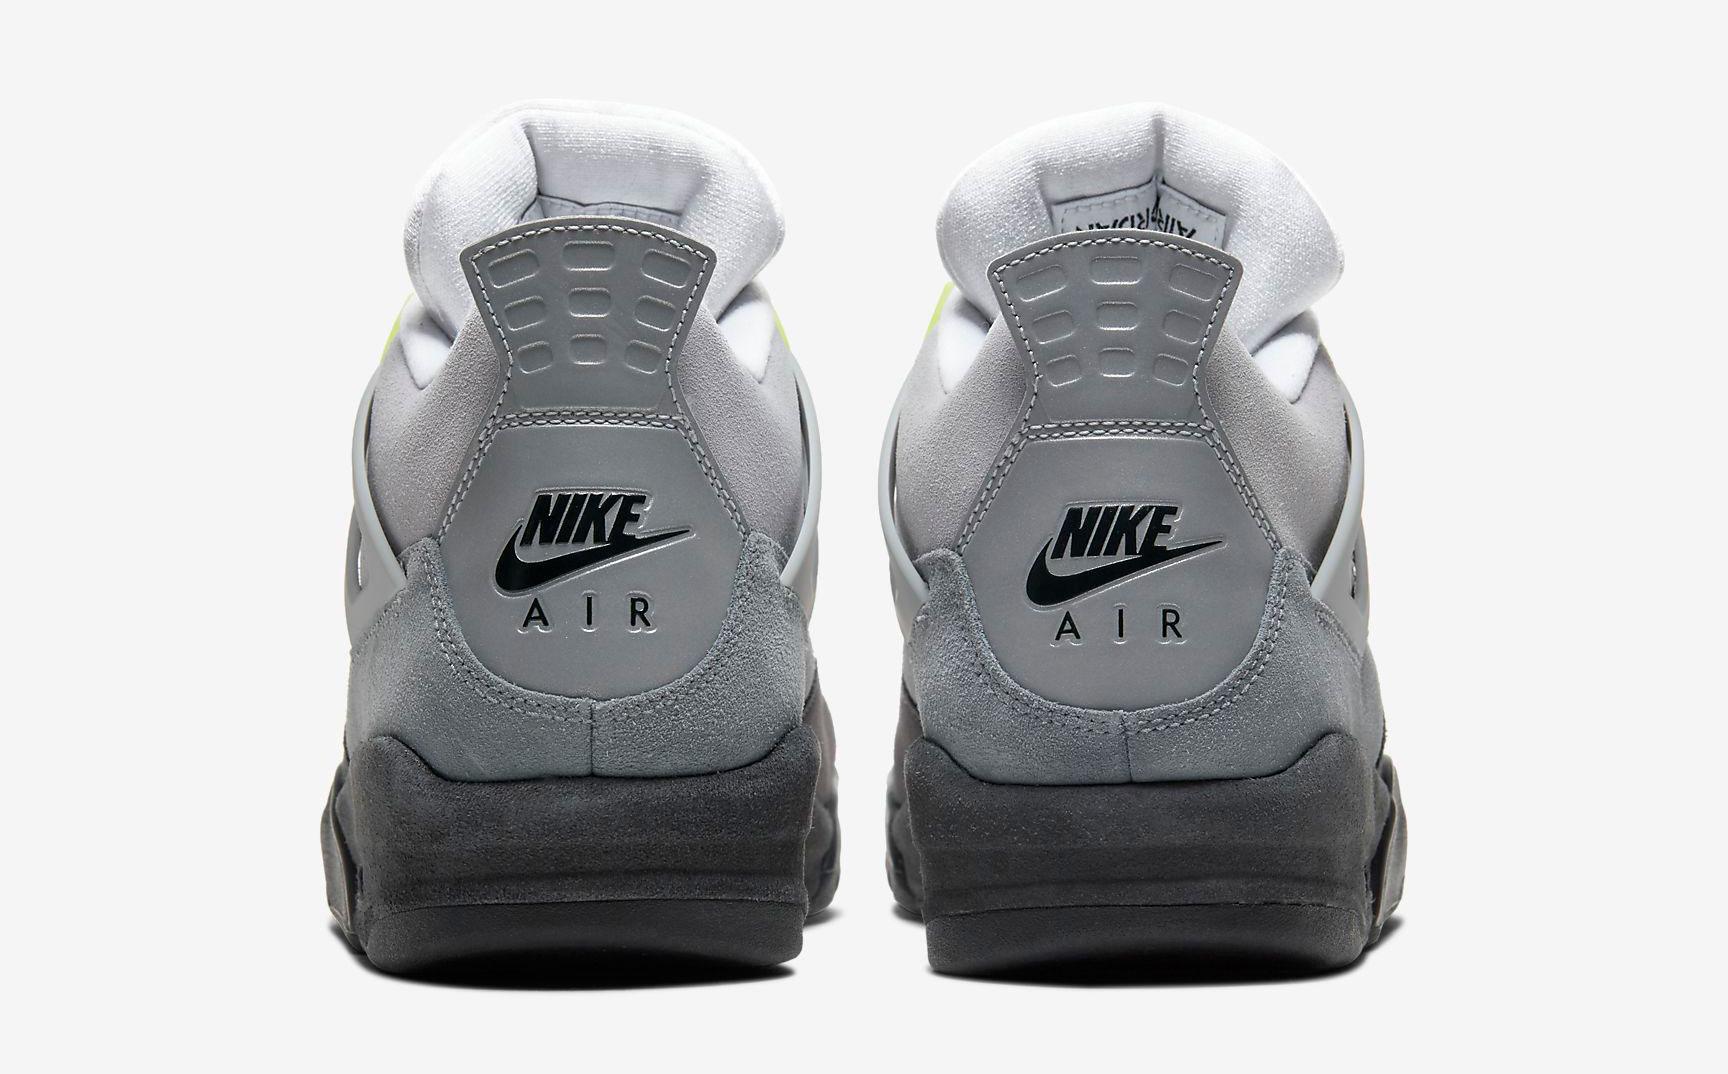 air-jordan-4-neon-release-date-price-5